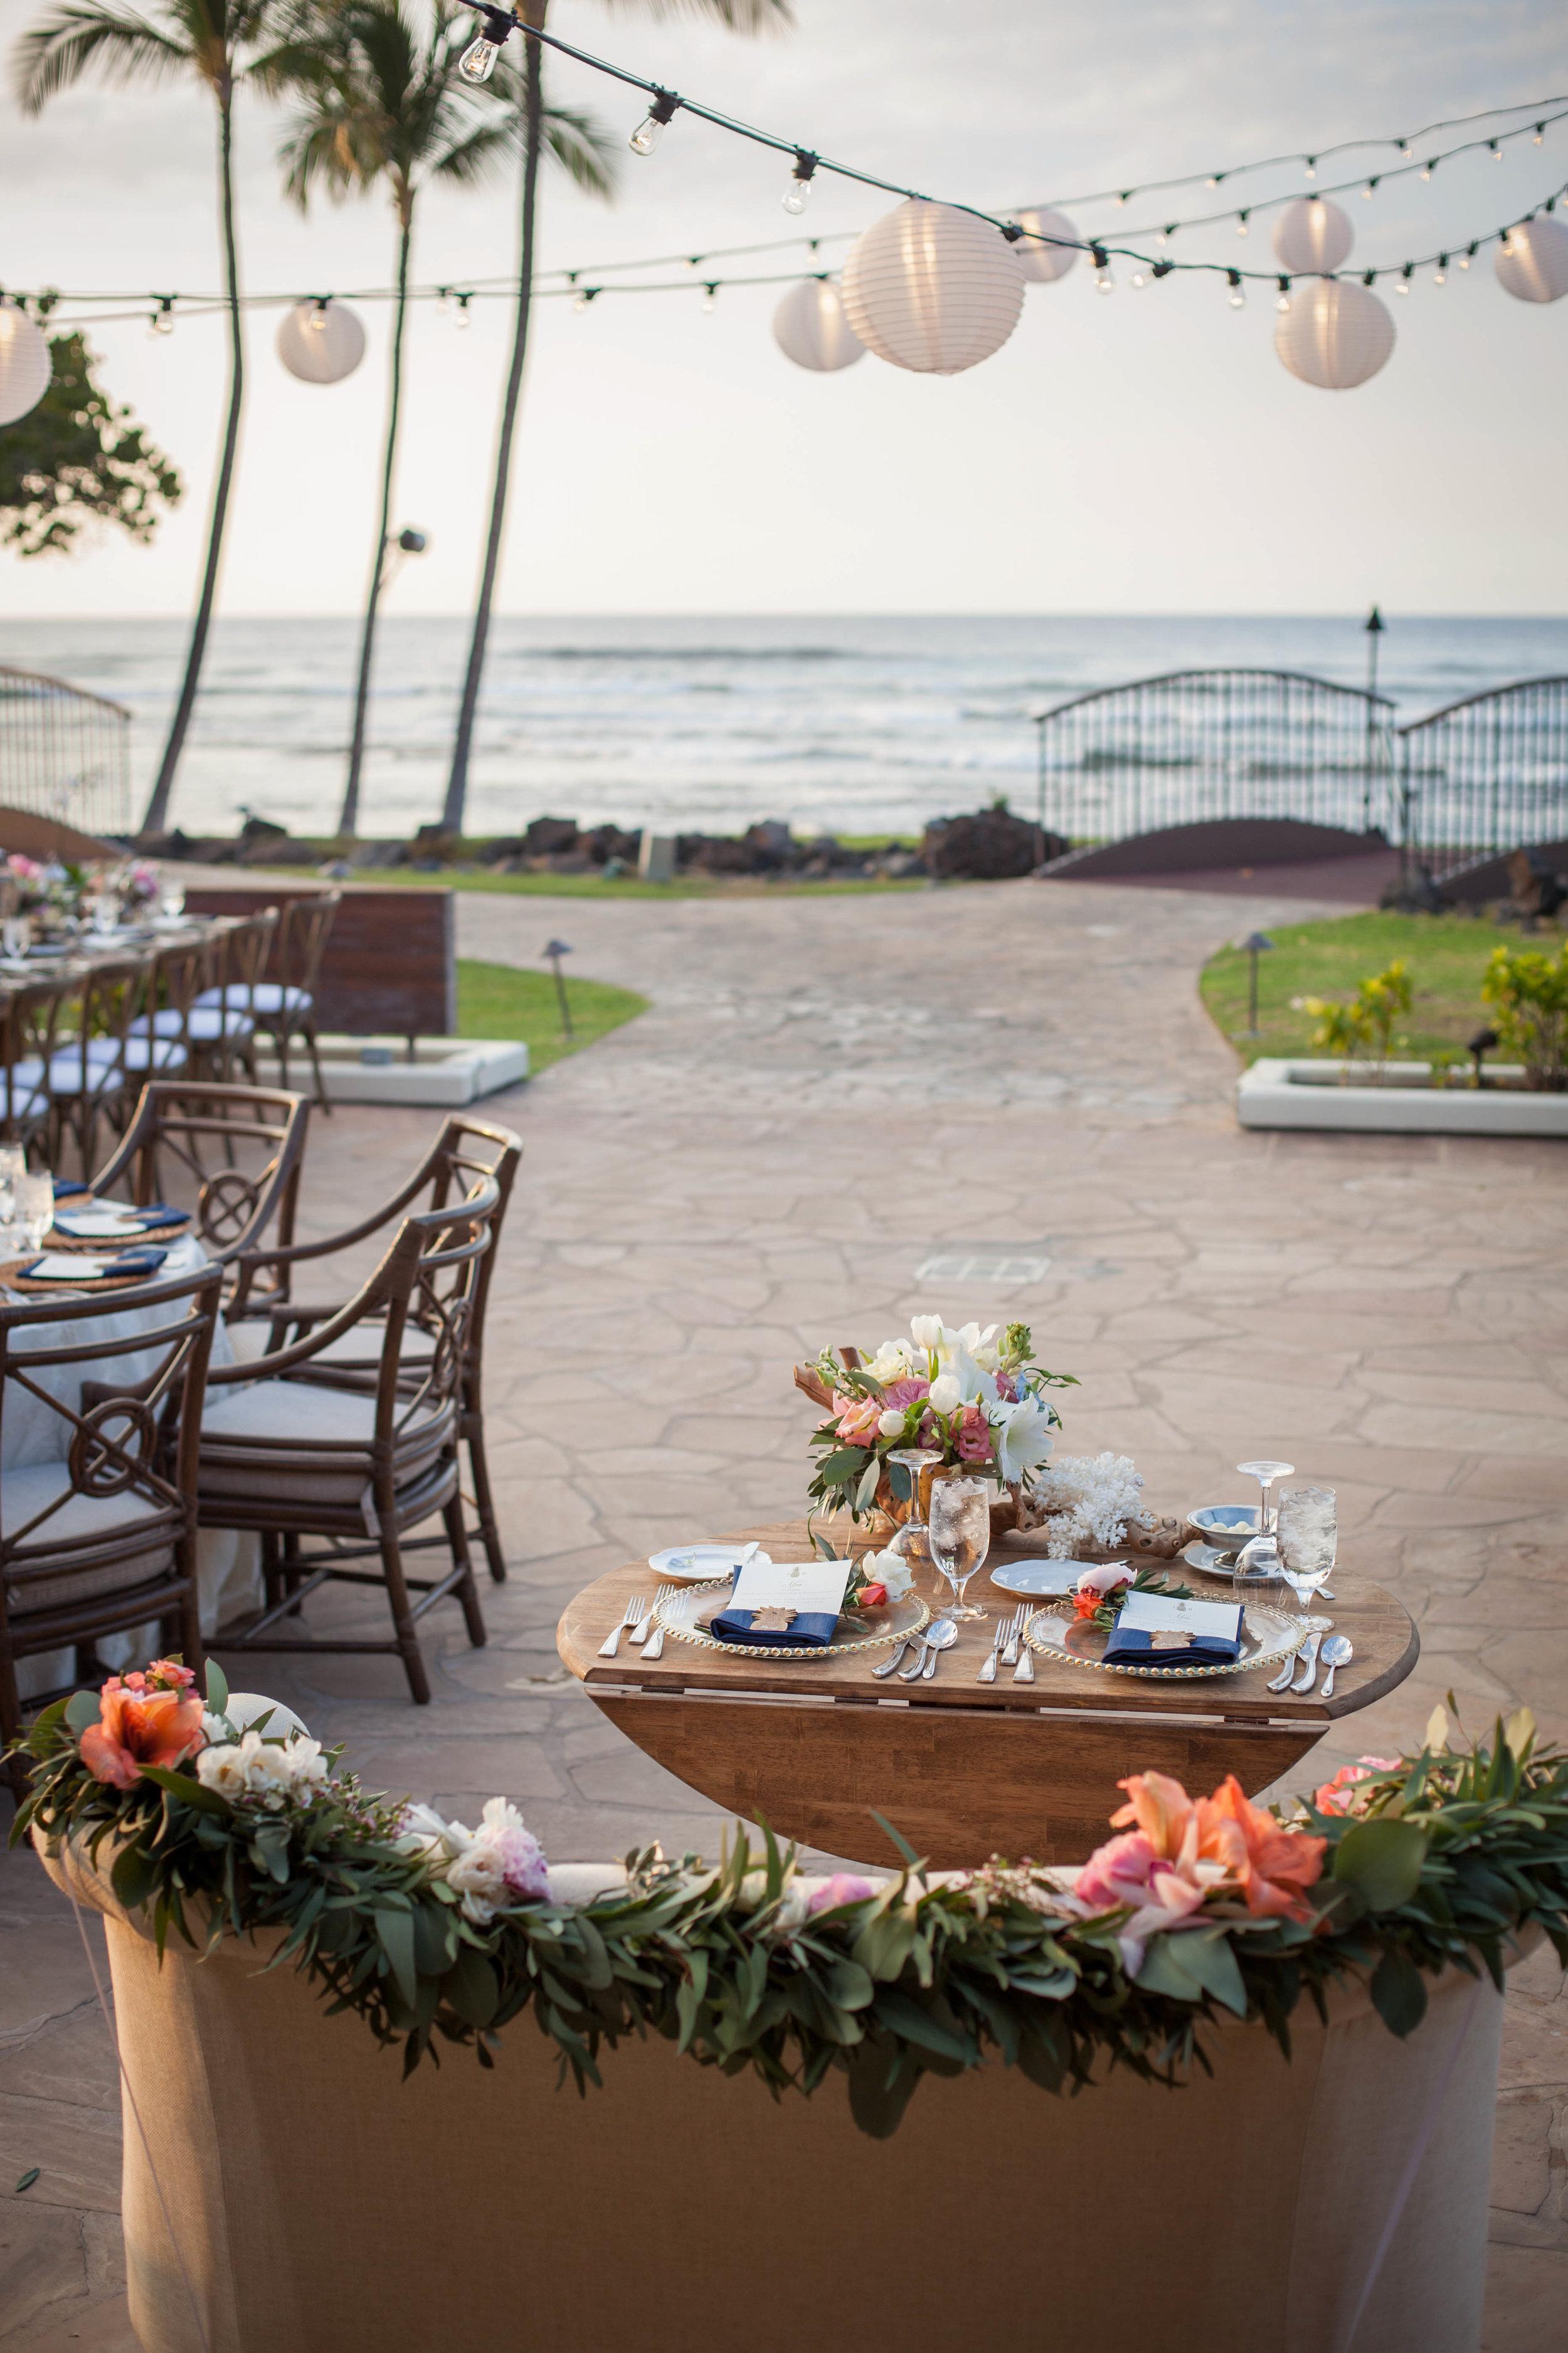 big island hawaii mauna lani resort wedding © kelilina photography 20160131174222-1.jpg